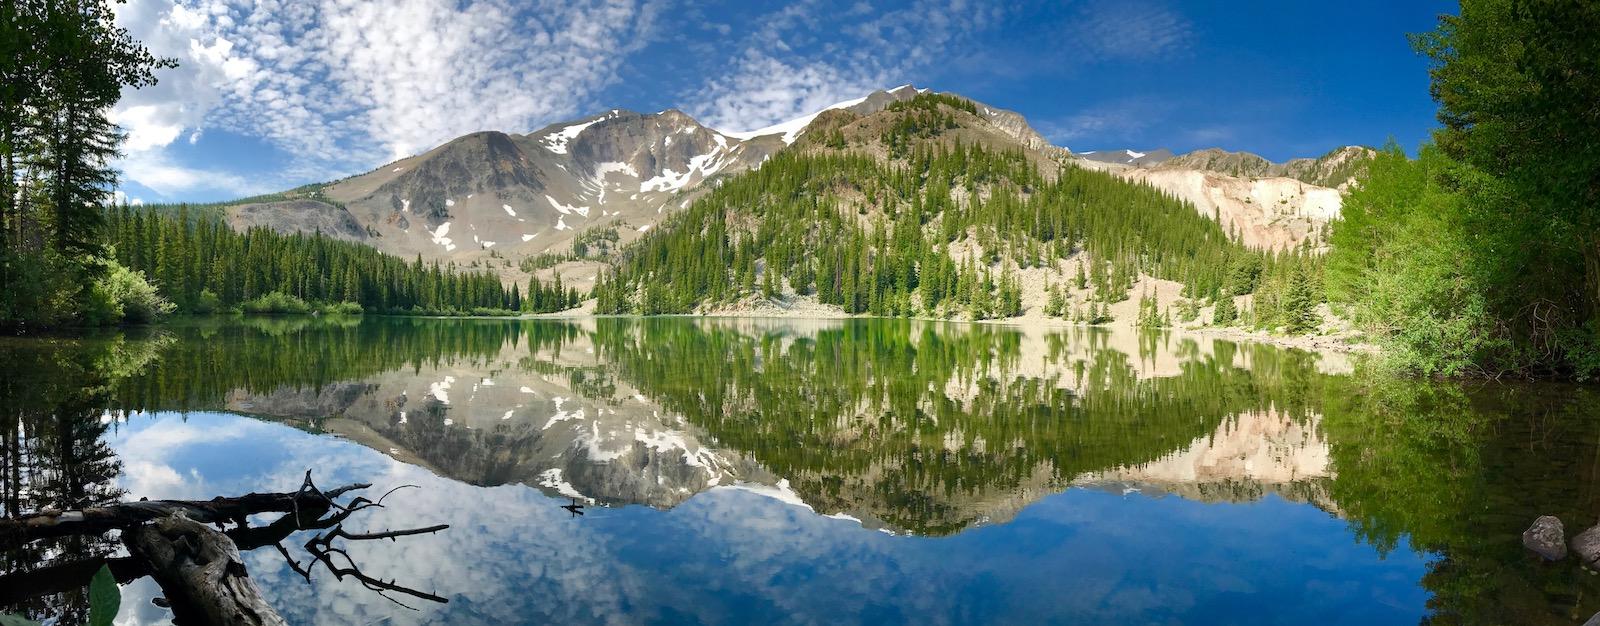 Thomas Lakes, CO